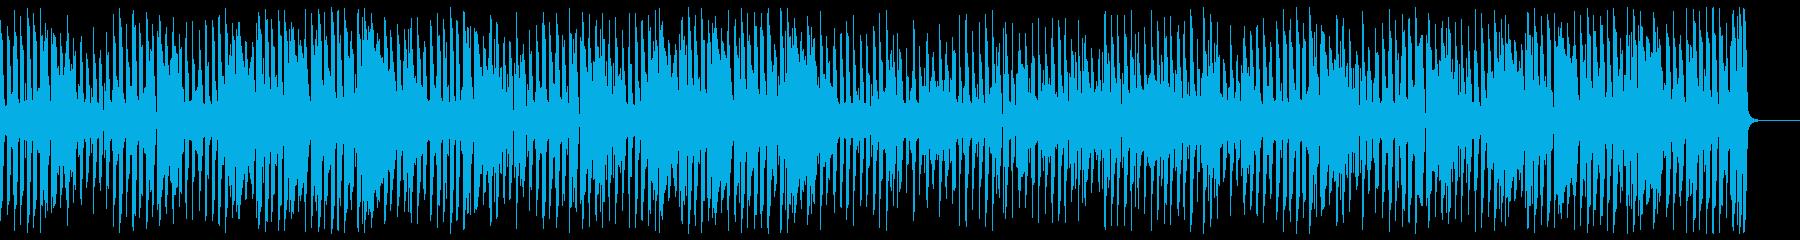 軽快でほのぼの温かい口笛ウクレレジャズの再生済みの波形